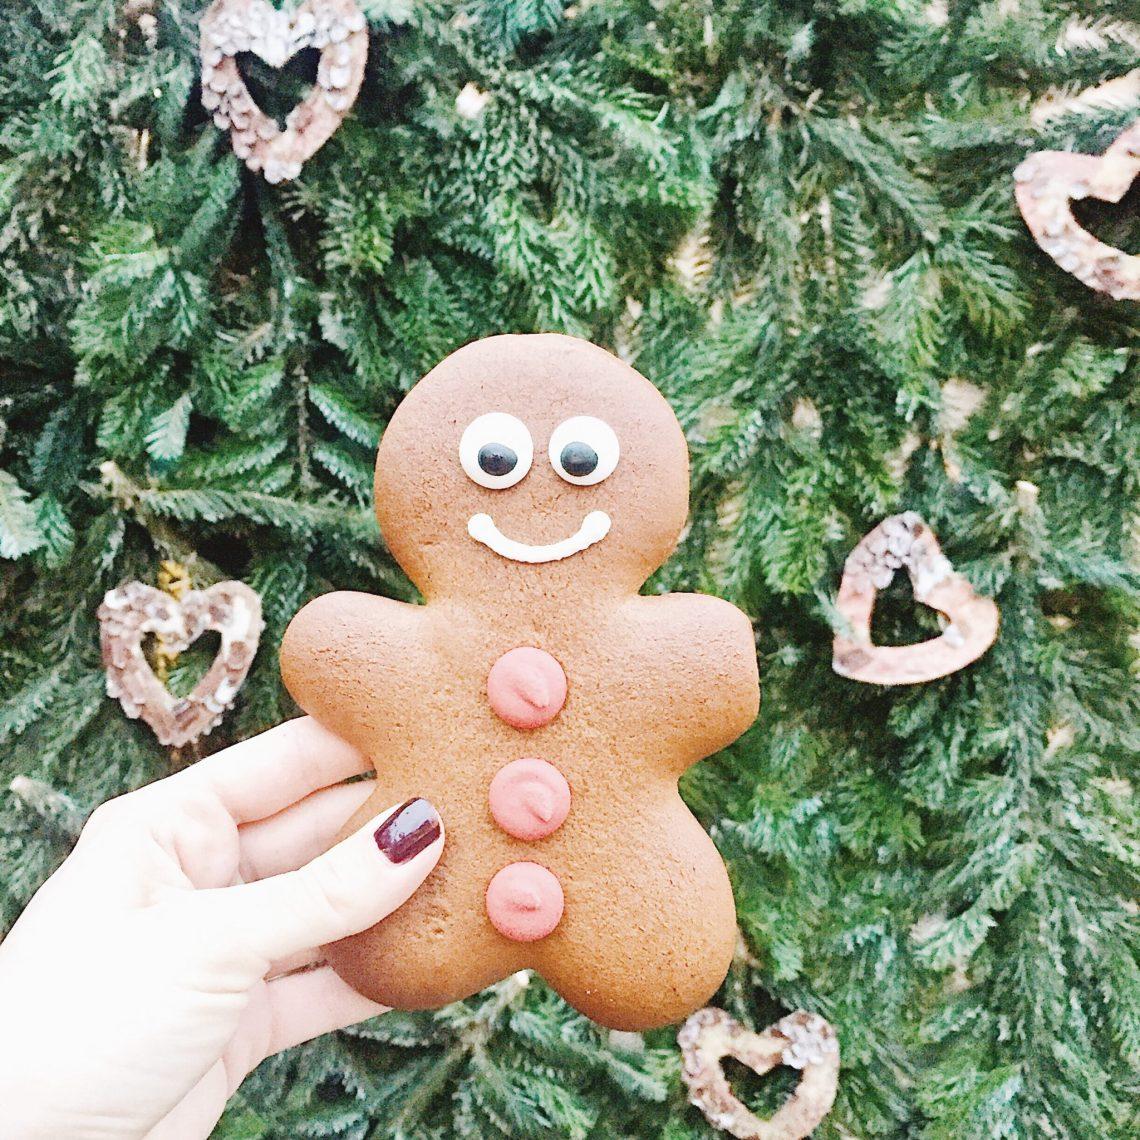 Gingerbread man Munich Christmas market